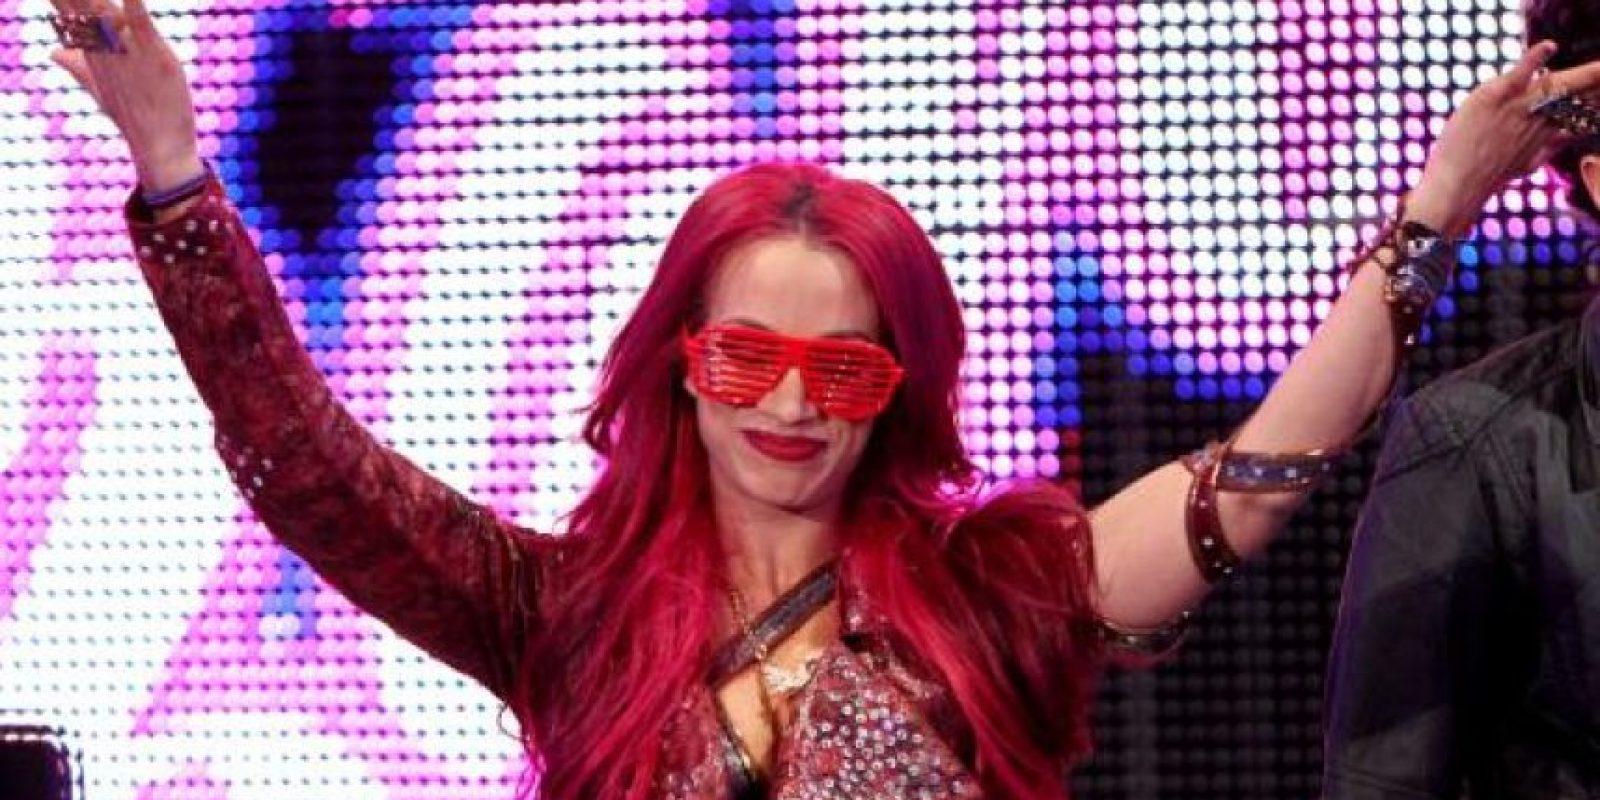 En el Kick-Off, Sasha Banks superó a Becky Lynch Foto:WWE